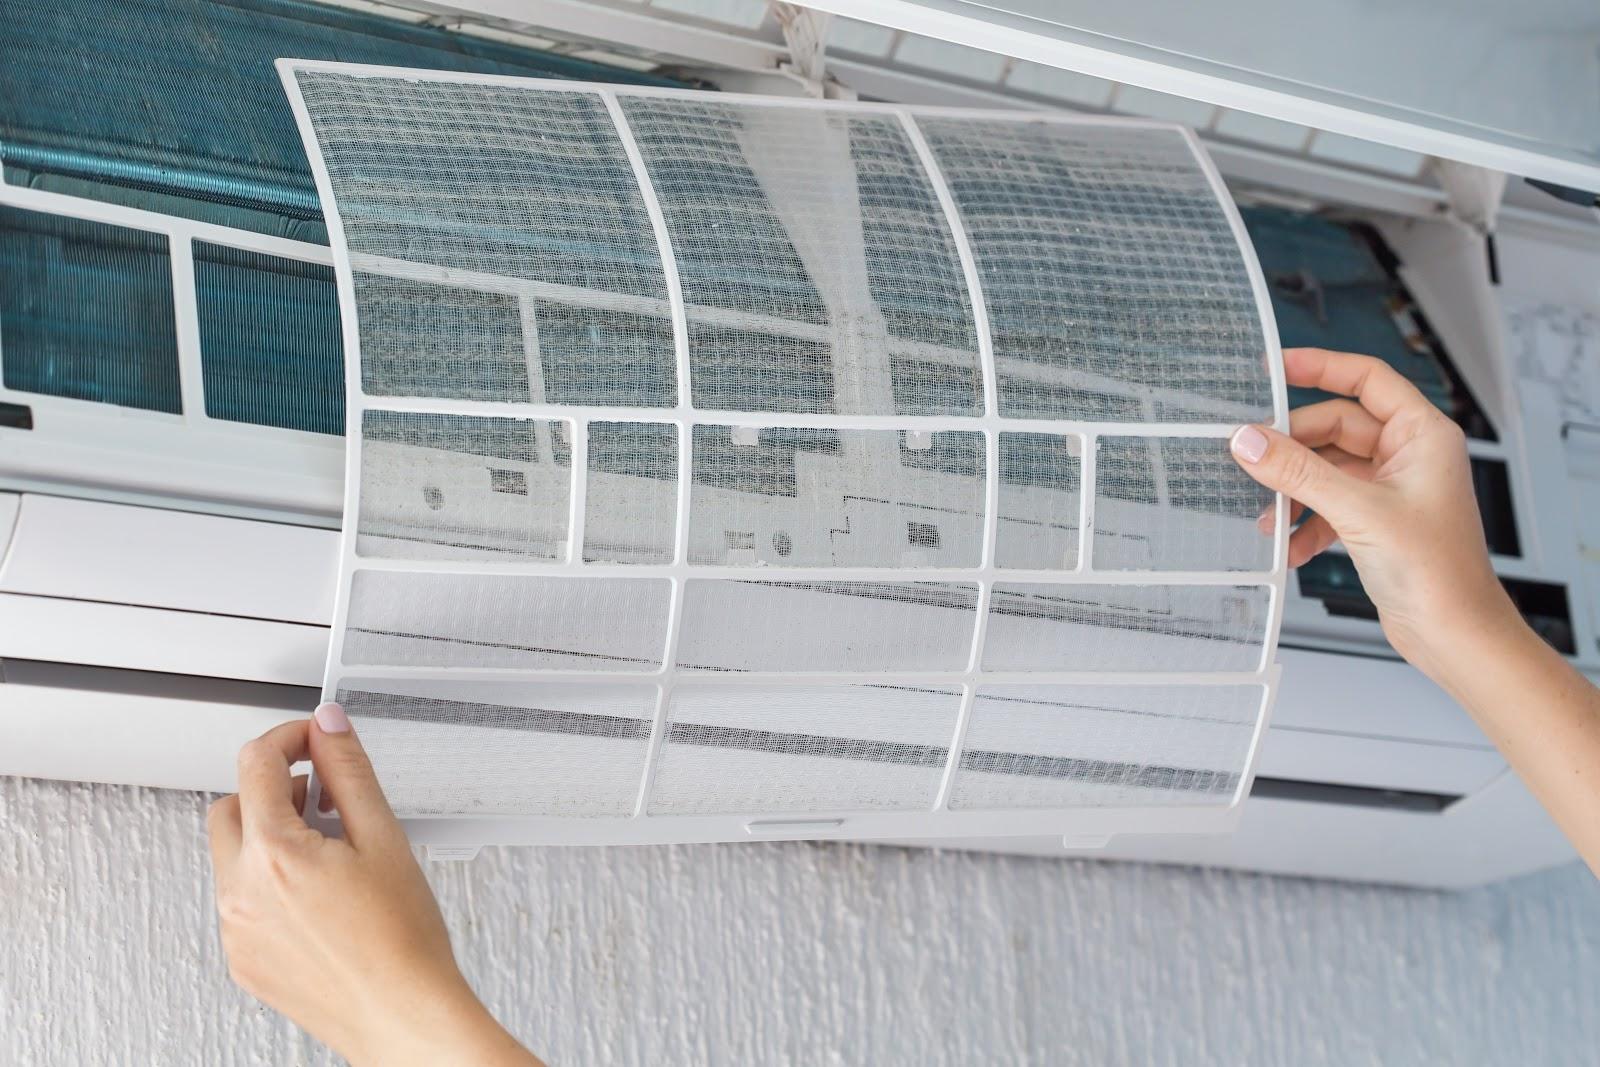 Uma pessoa segurando uma peça interna de um ar condicionado.